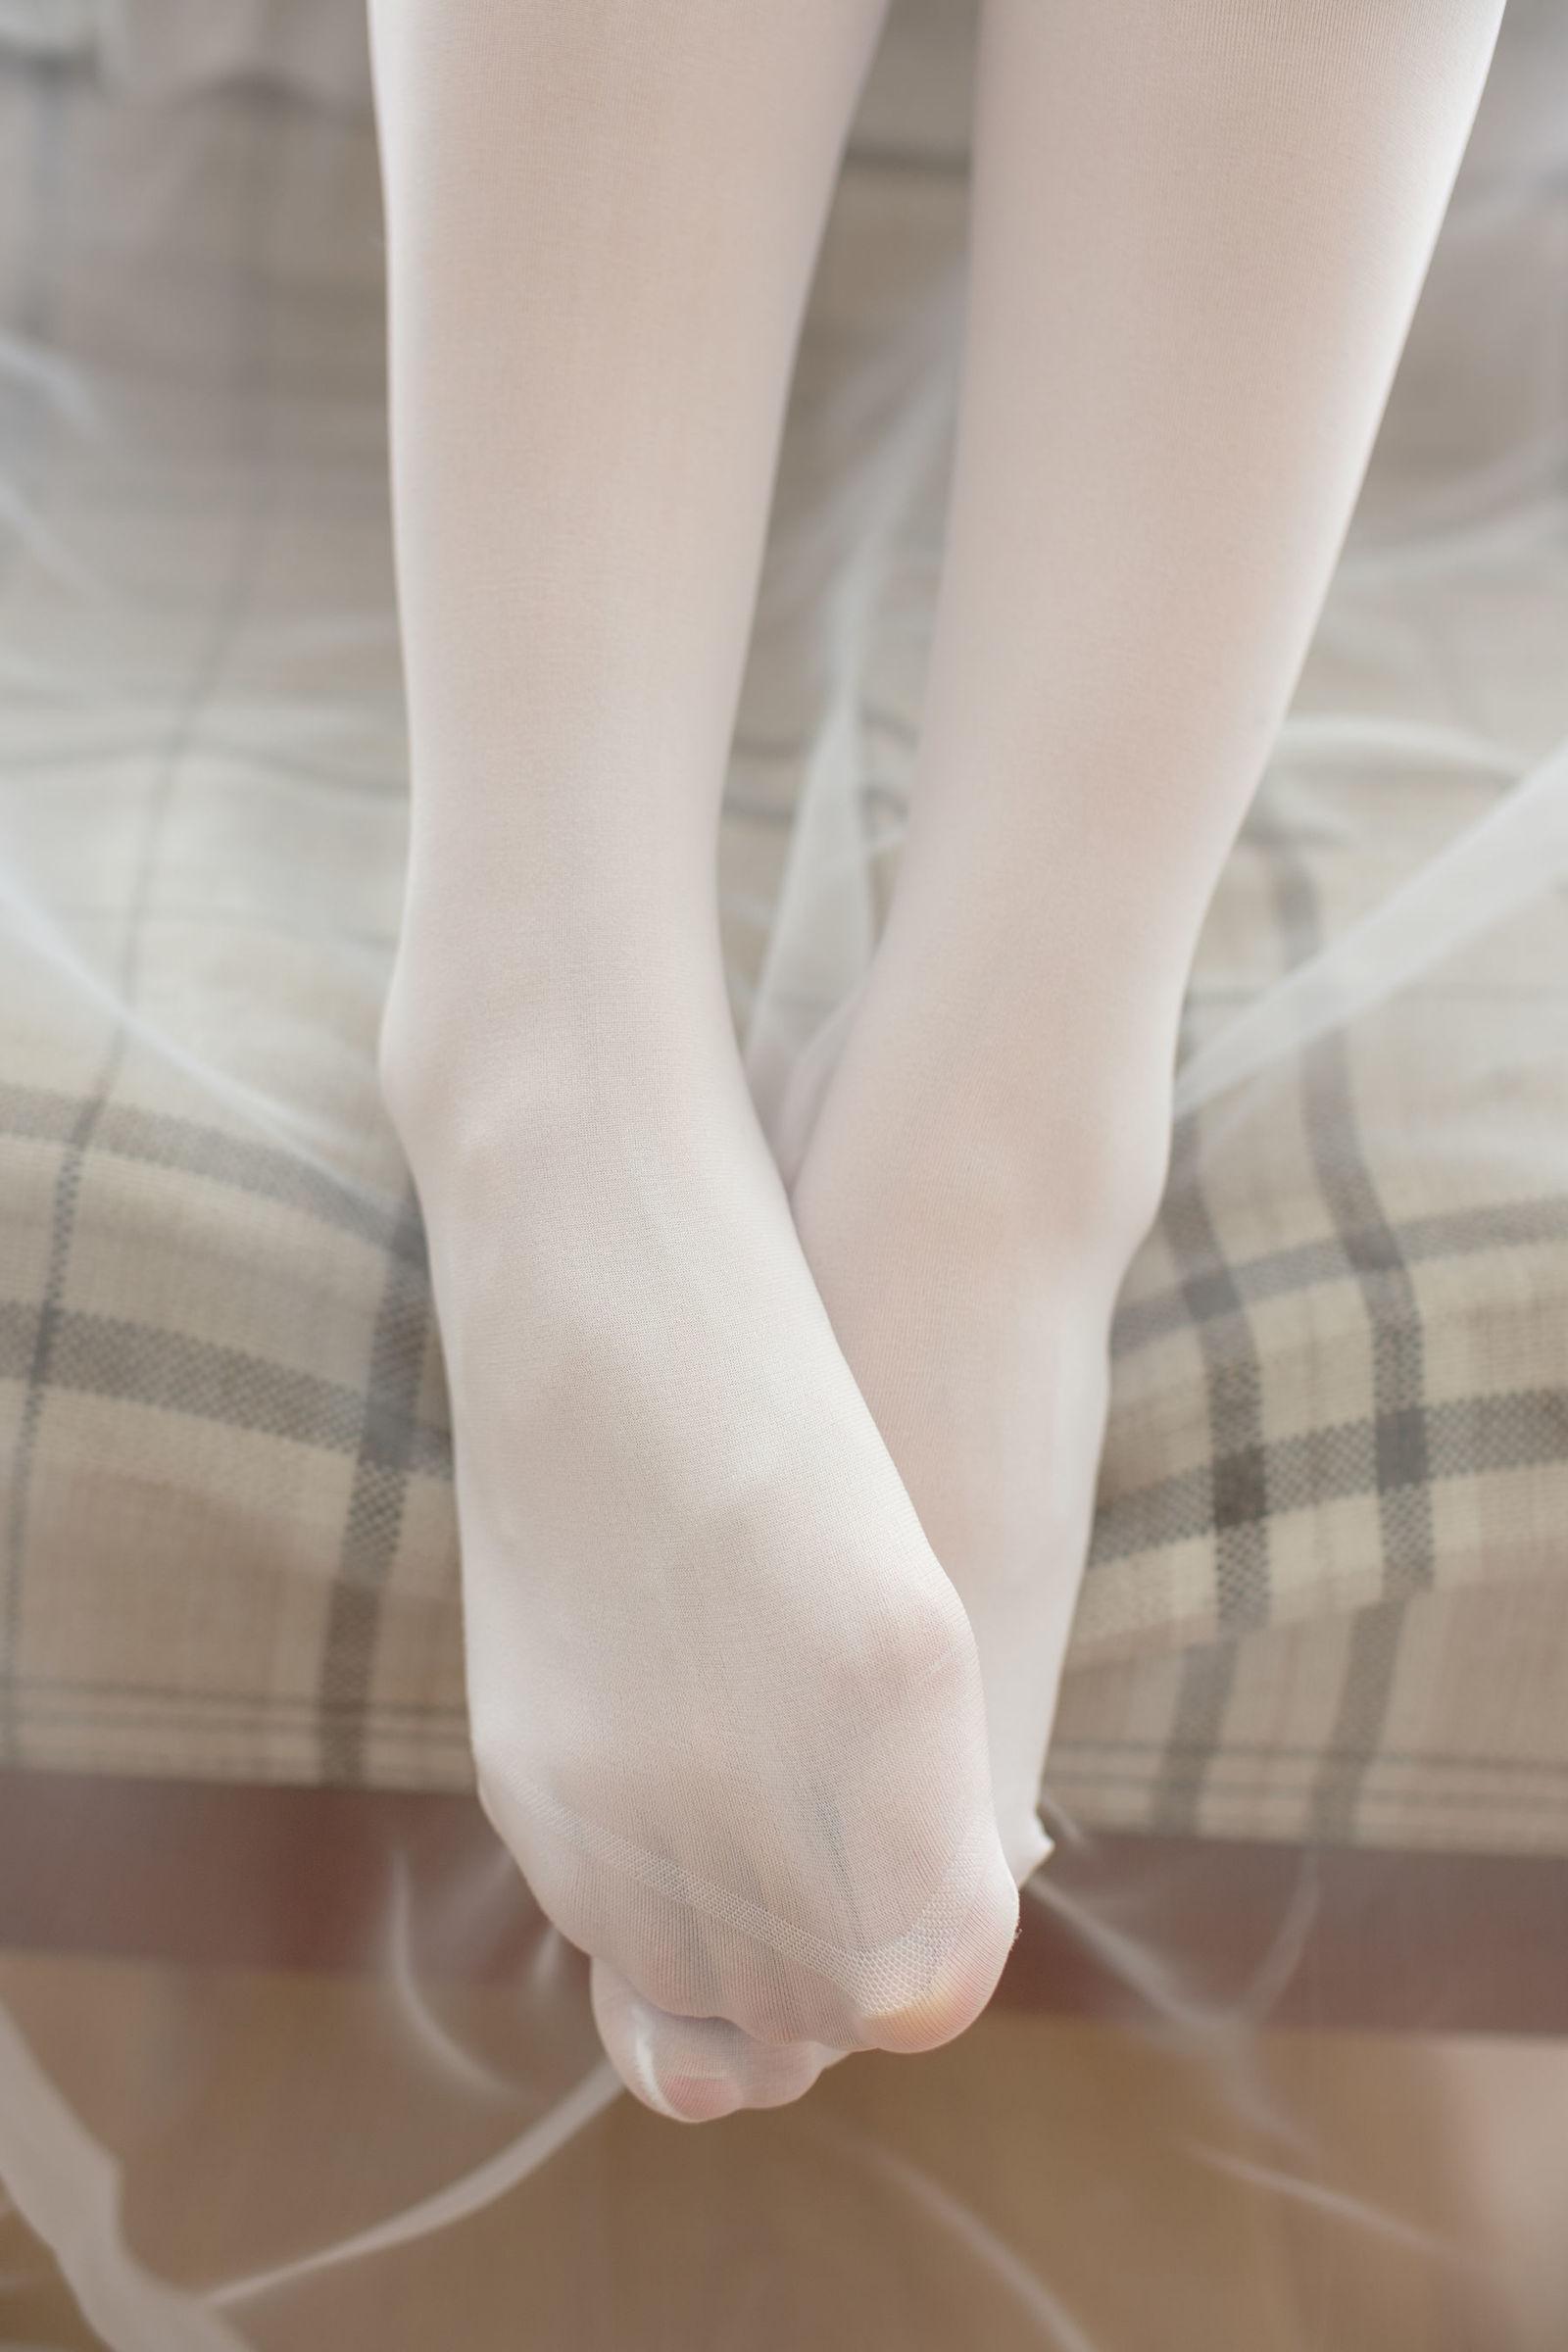 福利美图 萝莉白丝---丝袜写真-第14张图片-哔哔娱乐网